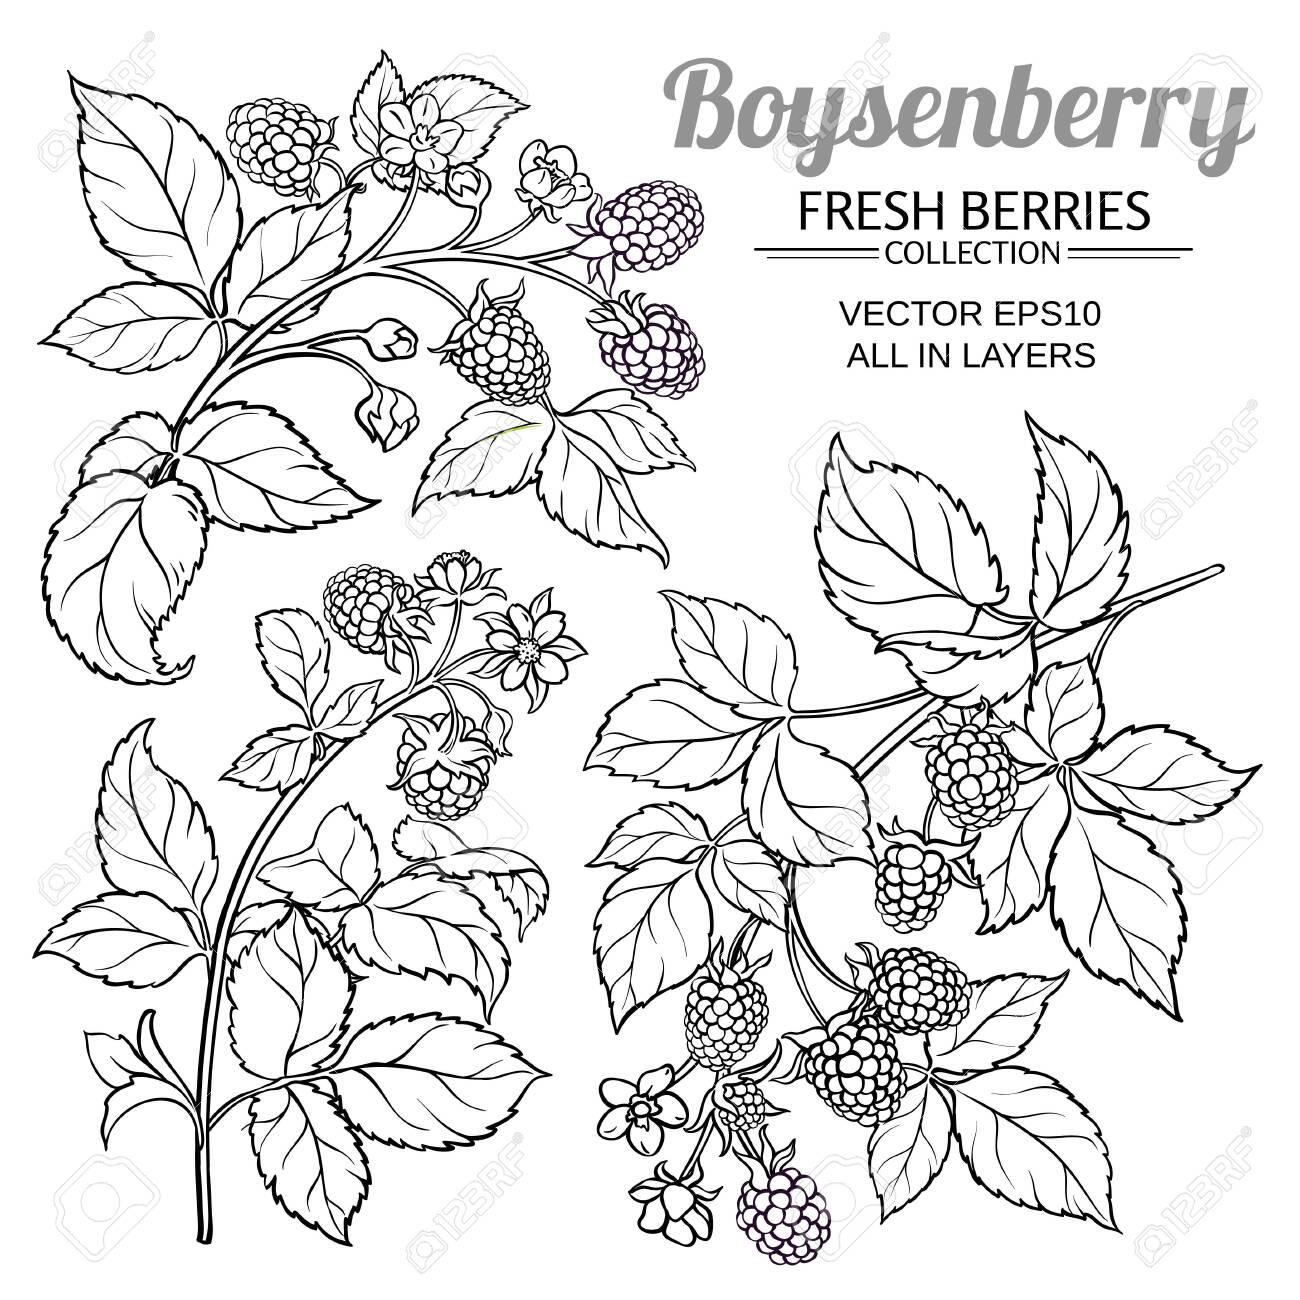 boysenberry vector set - 131681410